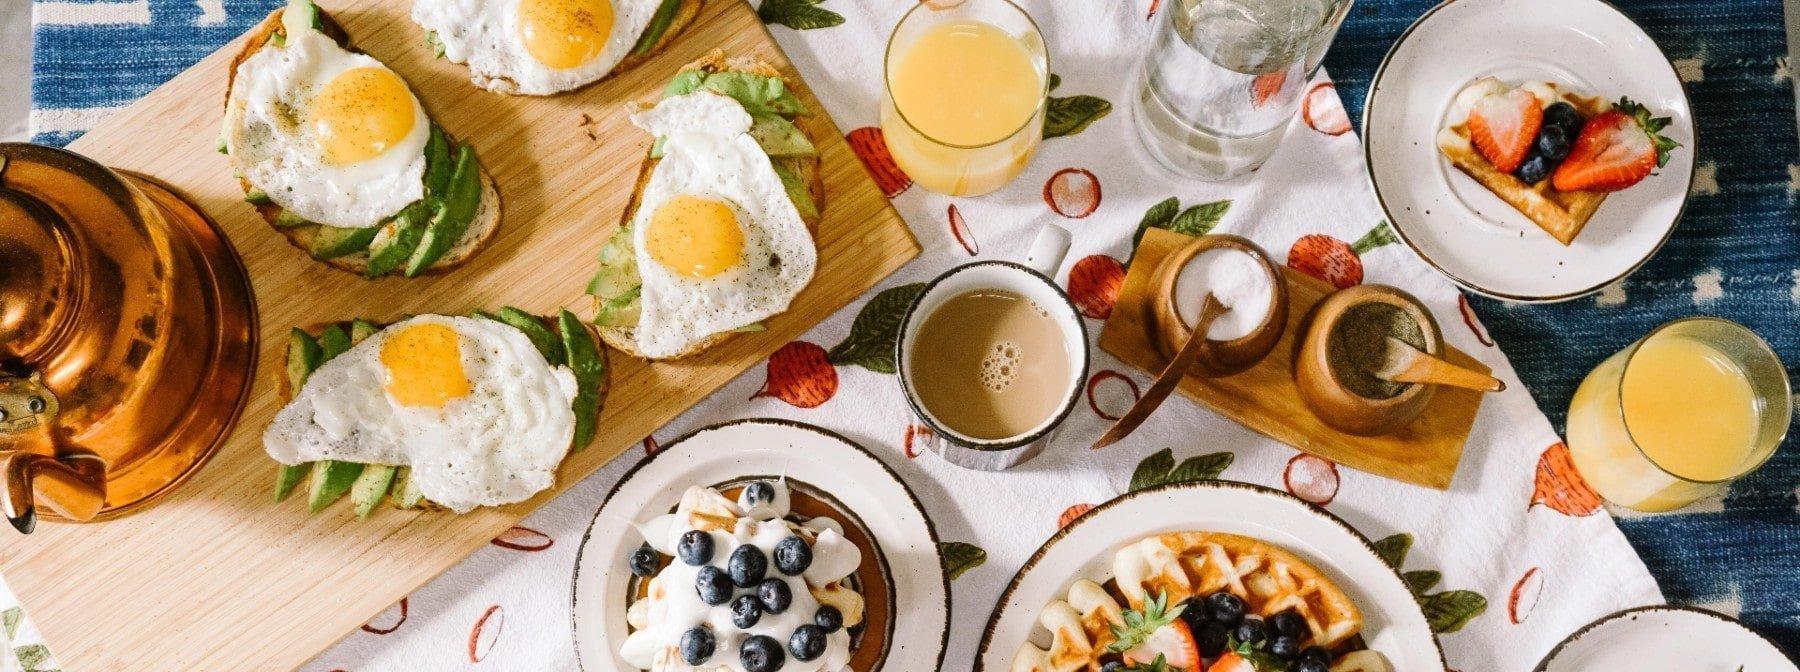 8 proteinreiche Frühstücks-Rezepte für einen guten Start in den Tag